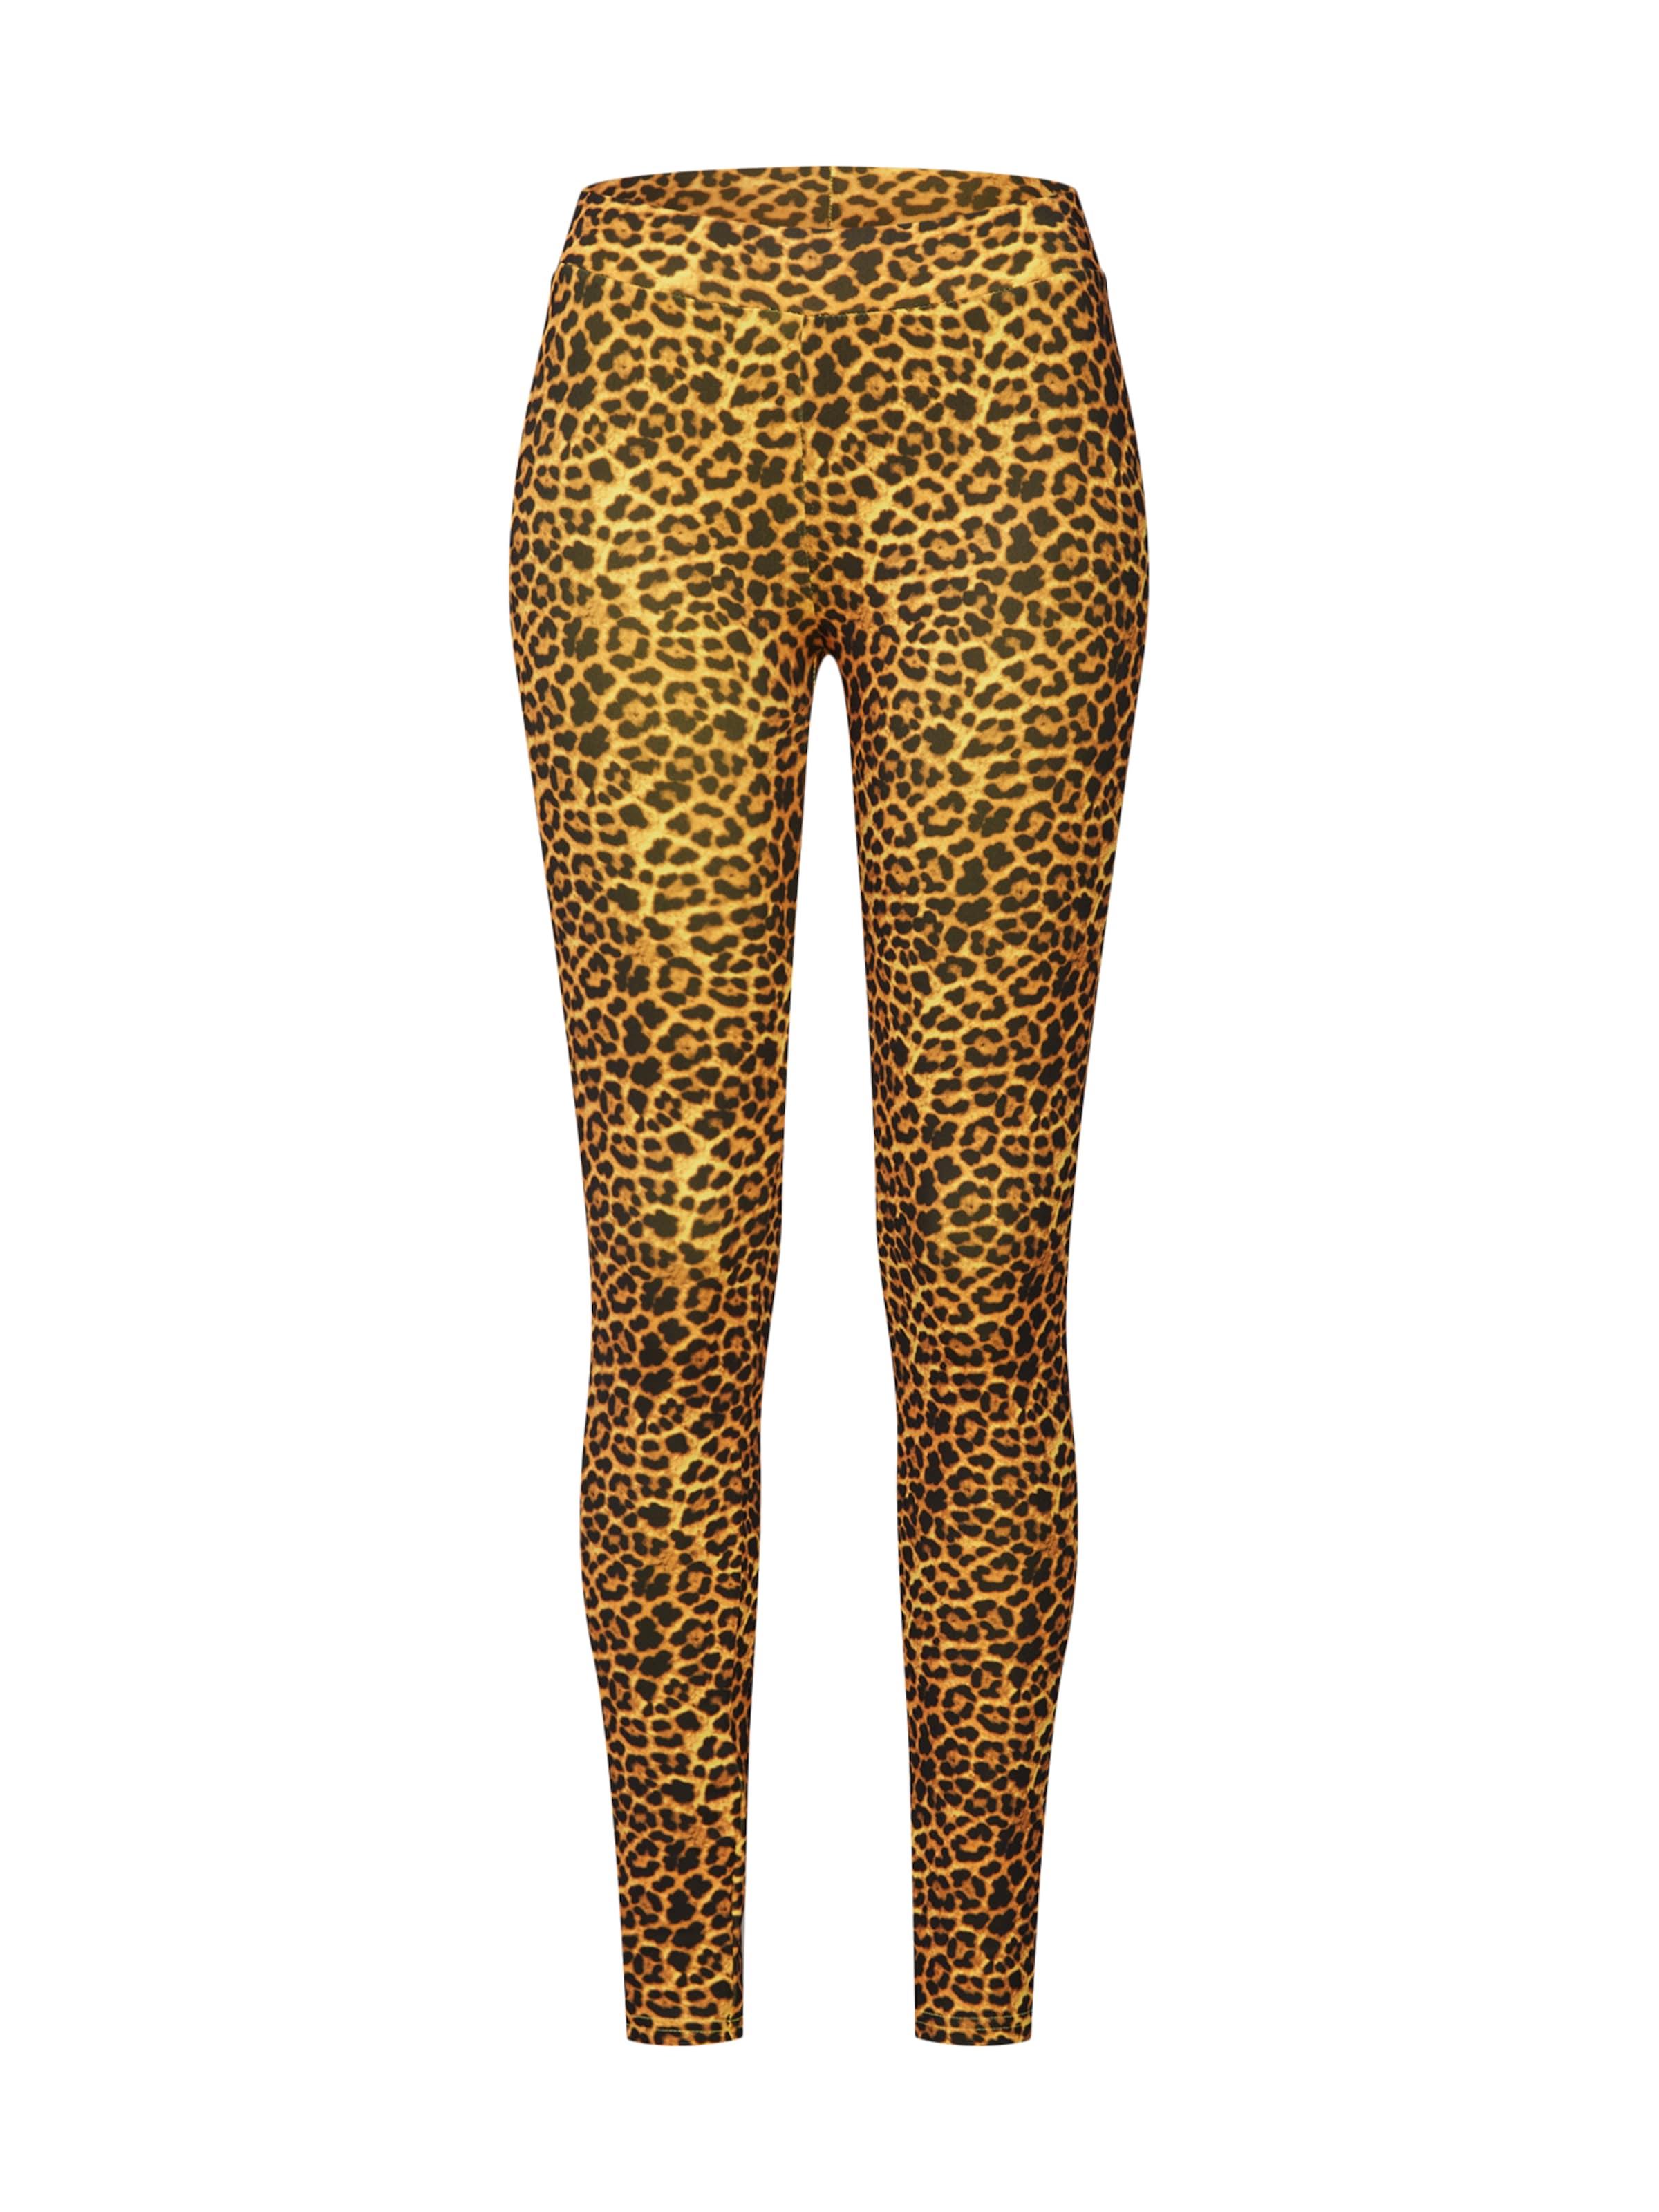 Urban Classics Leggings barna / sárga / fekete színben